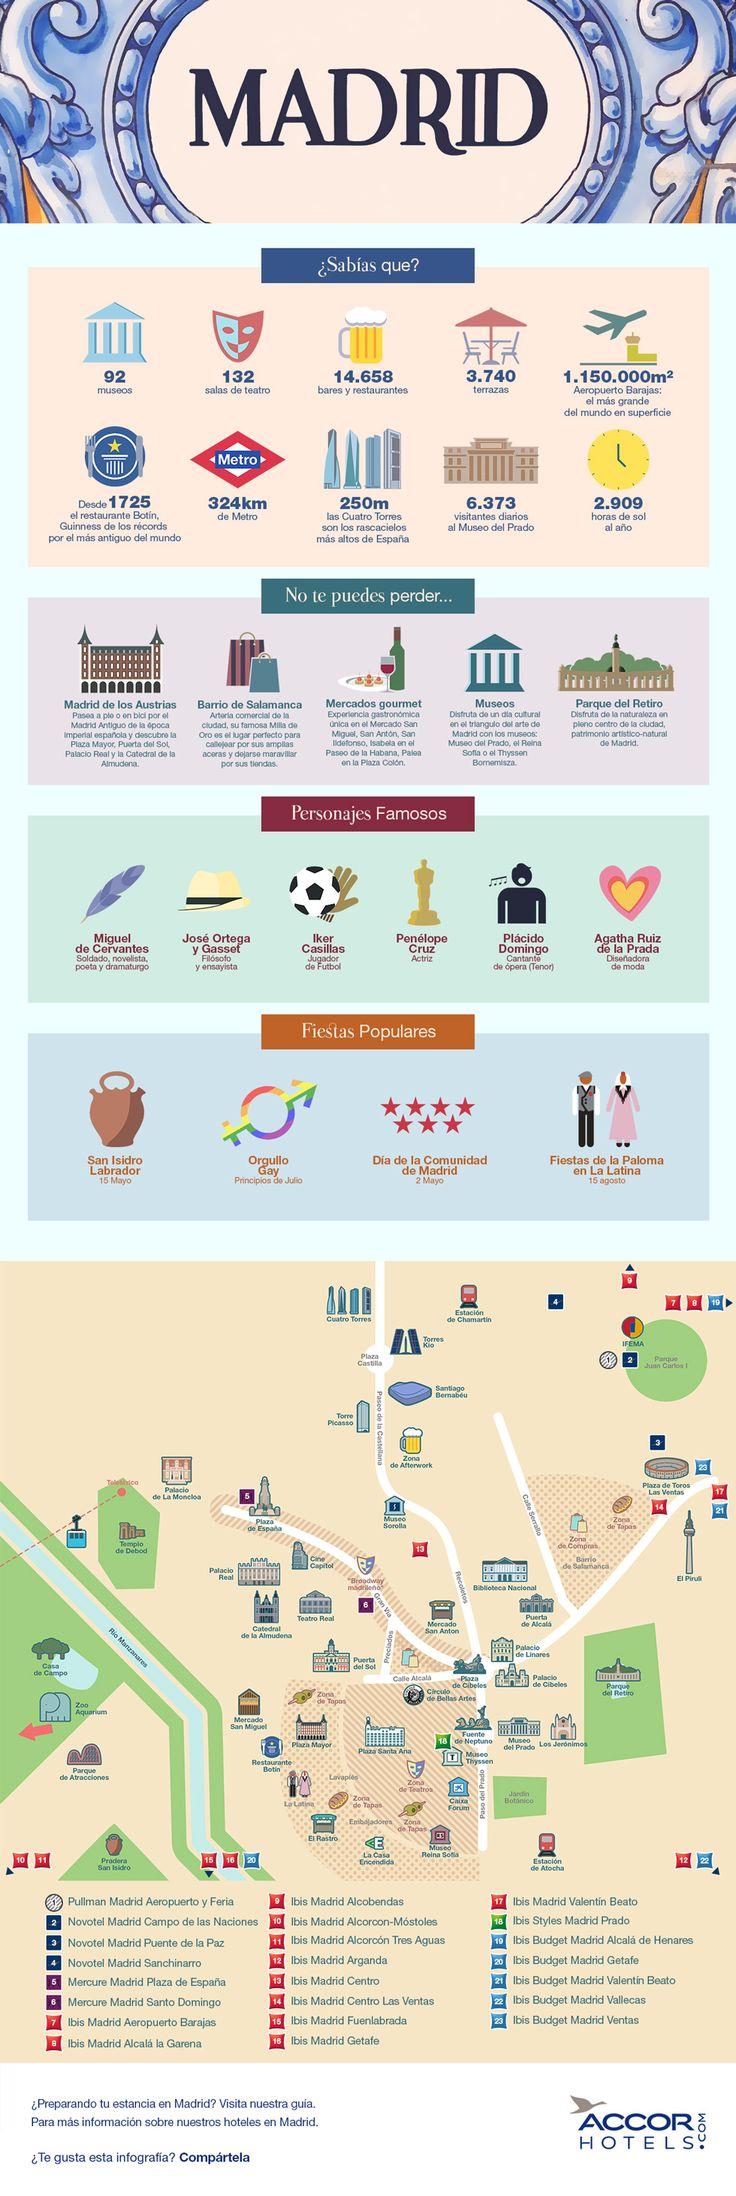 Información y curiosidades de la ciudad de Madrid. Descubre lo que les gusta hacer a los turistas que visitan Madrid